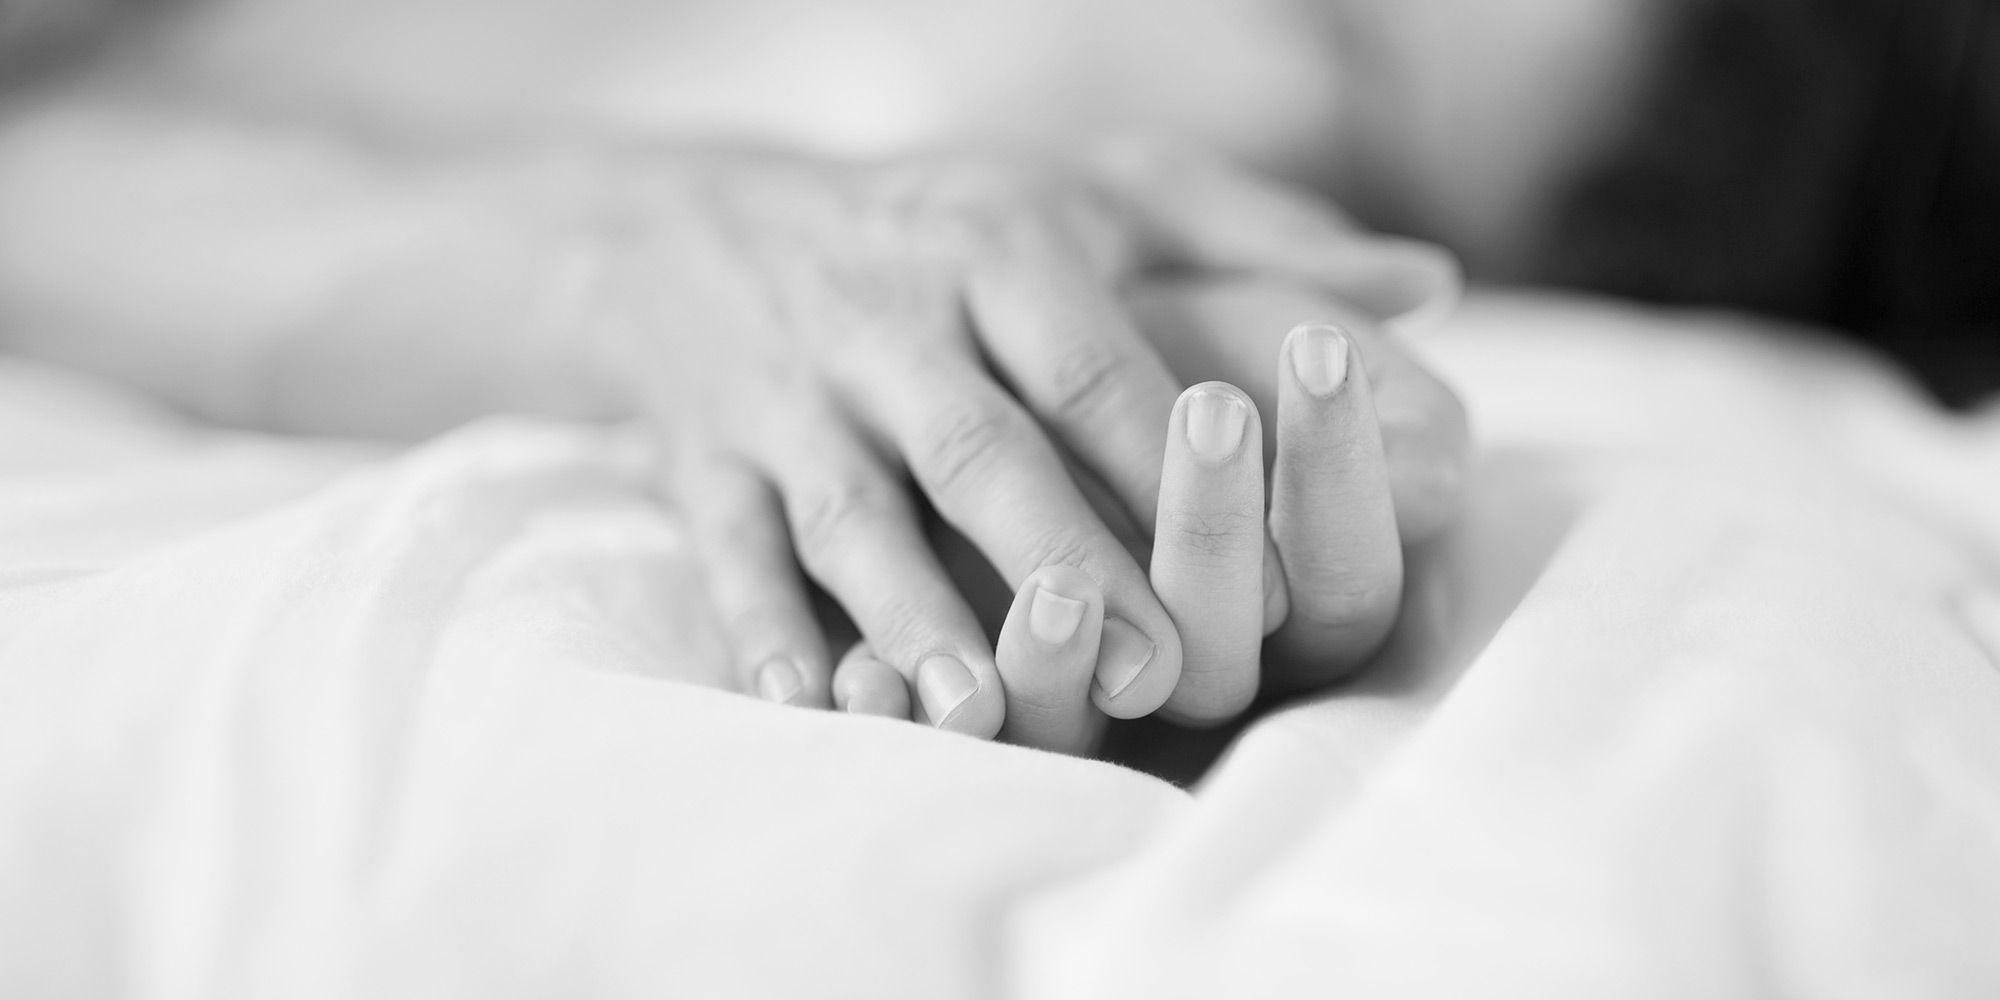 Σεξουαλική υγεία Άγχος: Οι επιπτώσεις του άγχους στην ερωτική σας ζωή